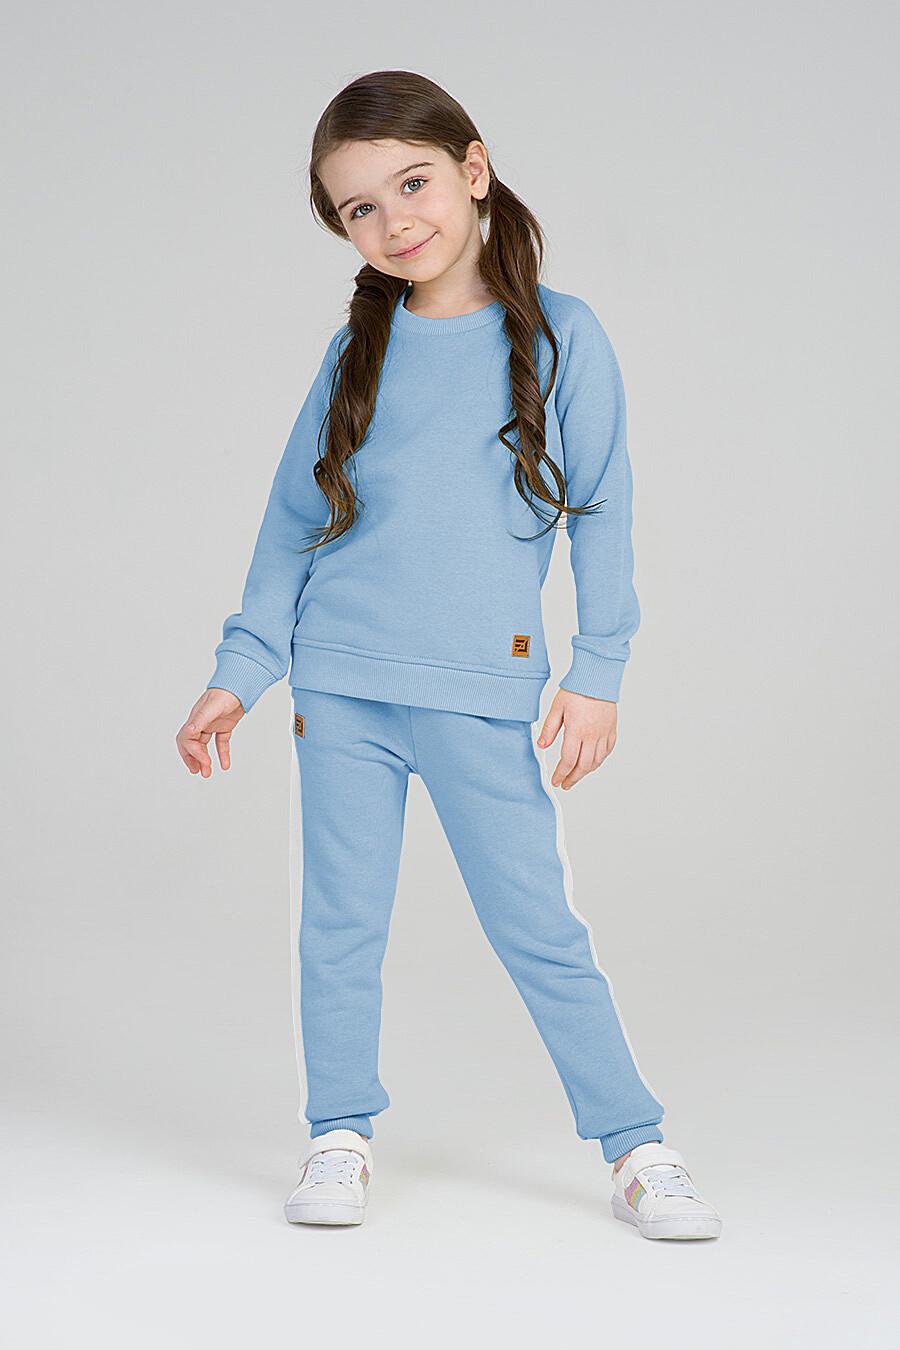 Свитшот для девочек EZANNA 668008 купить оптом от производителя. Совместная покупка детской одежды в OptMoyo